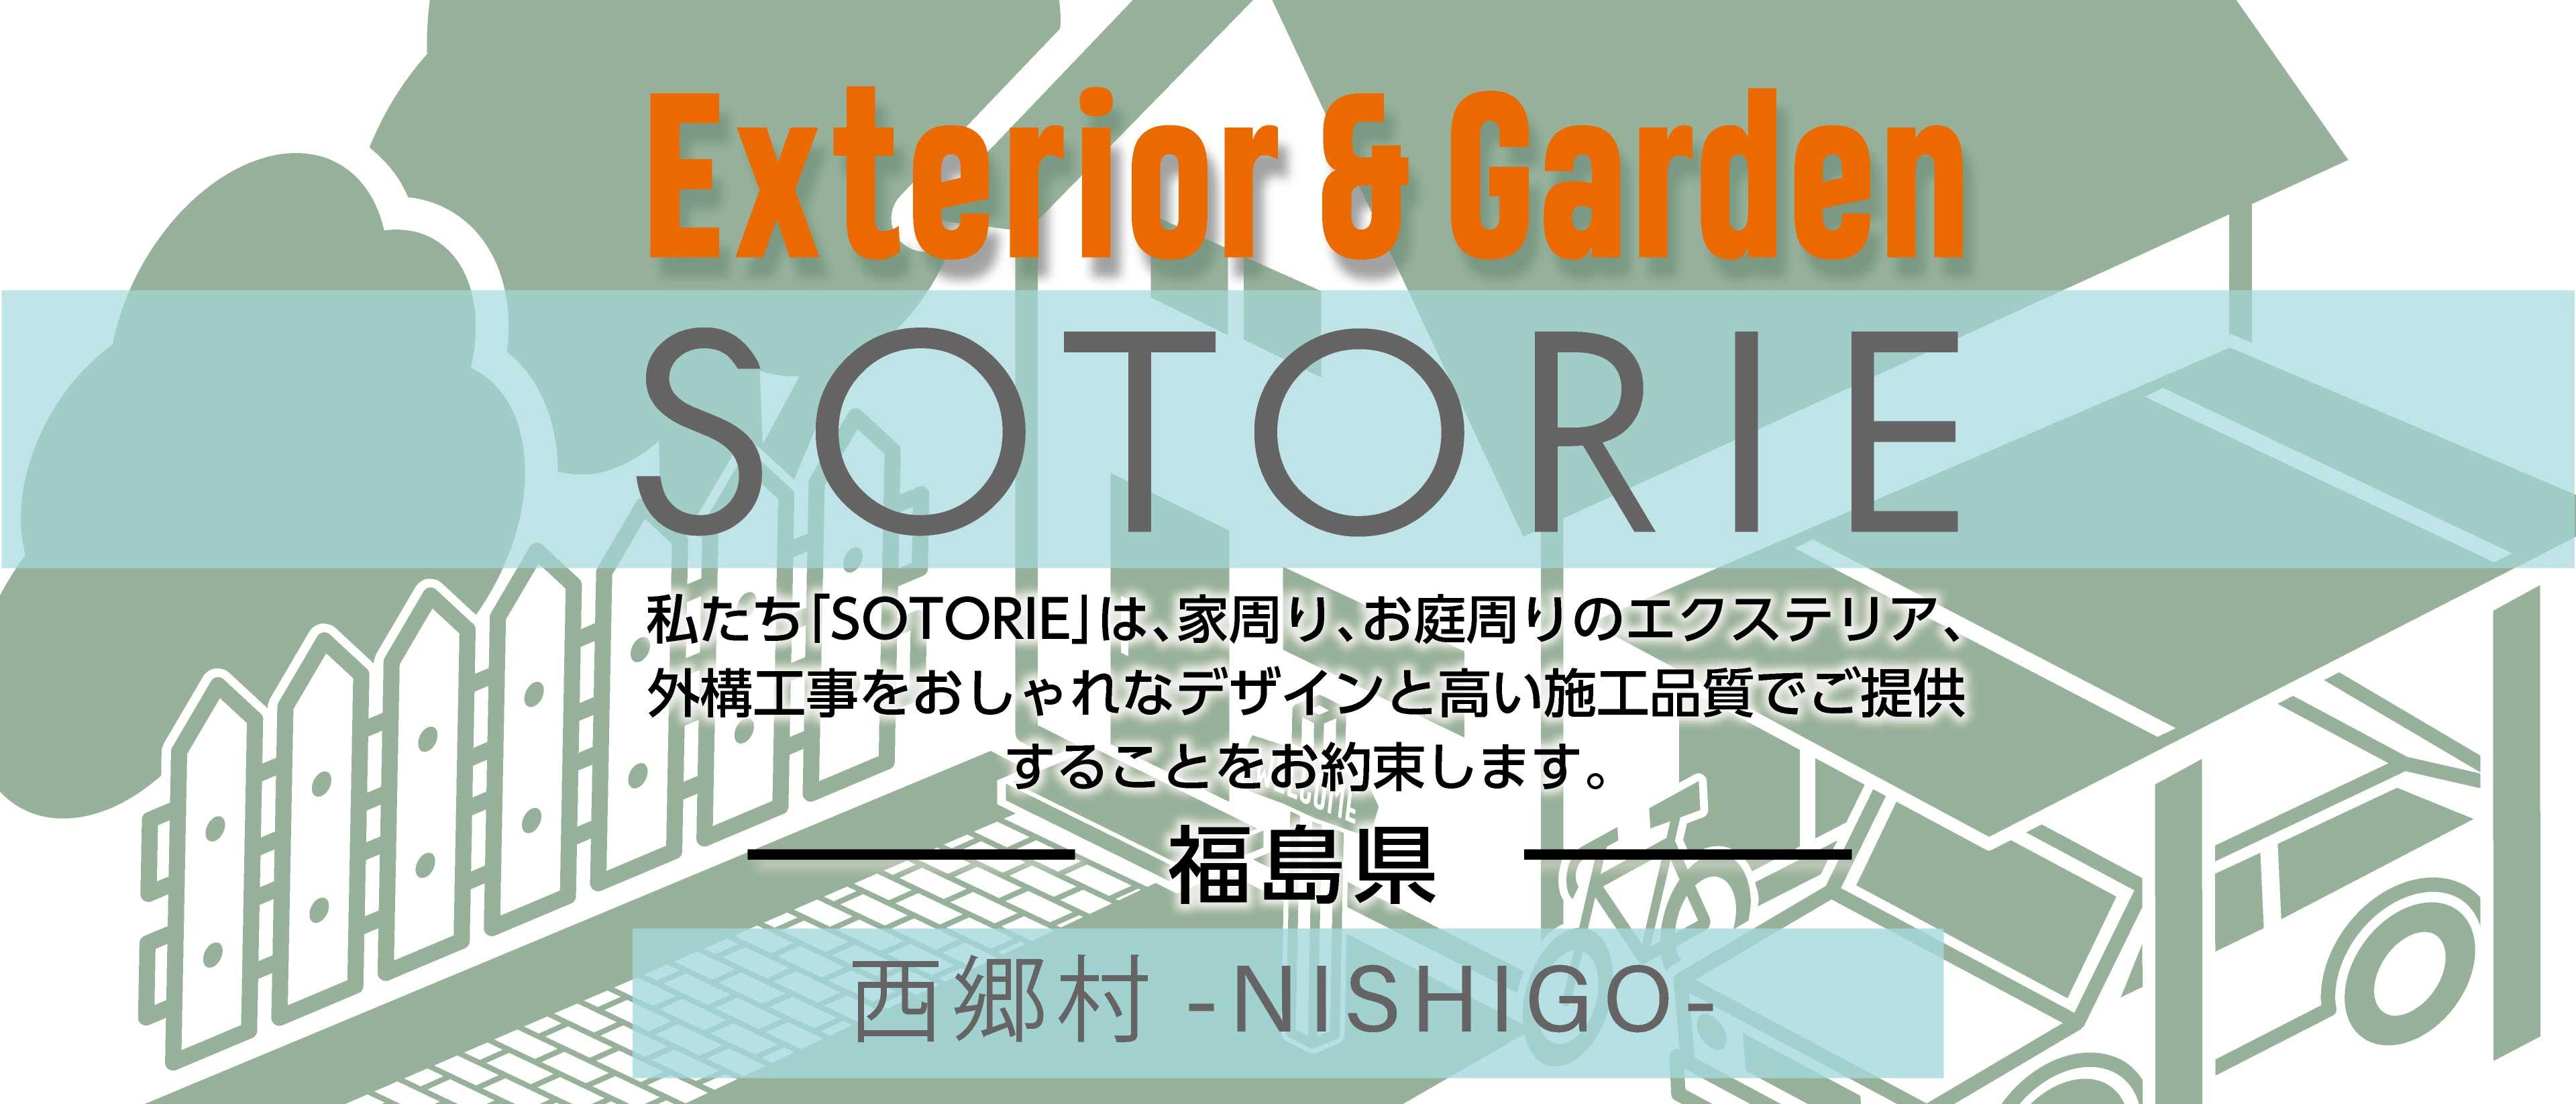 ソトリエ西郷村では、家周りと庭周りの外構、エクステリア工事をおしゃれなデザインと高い施工品質でご提供することをお約束します。